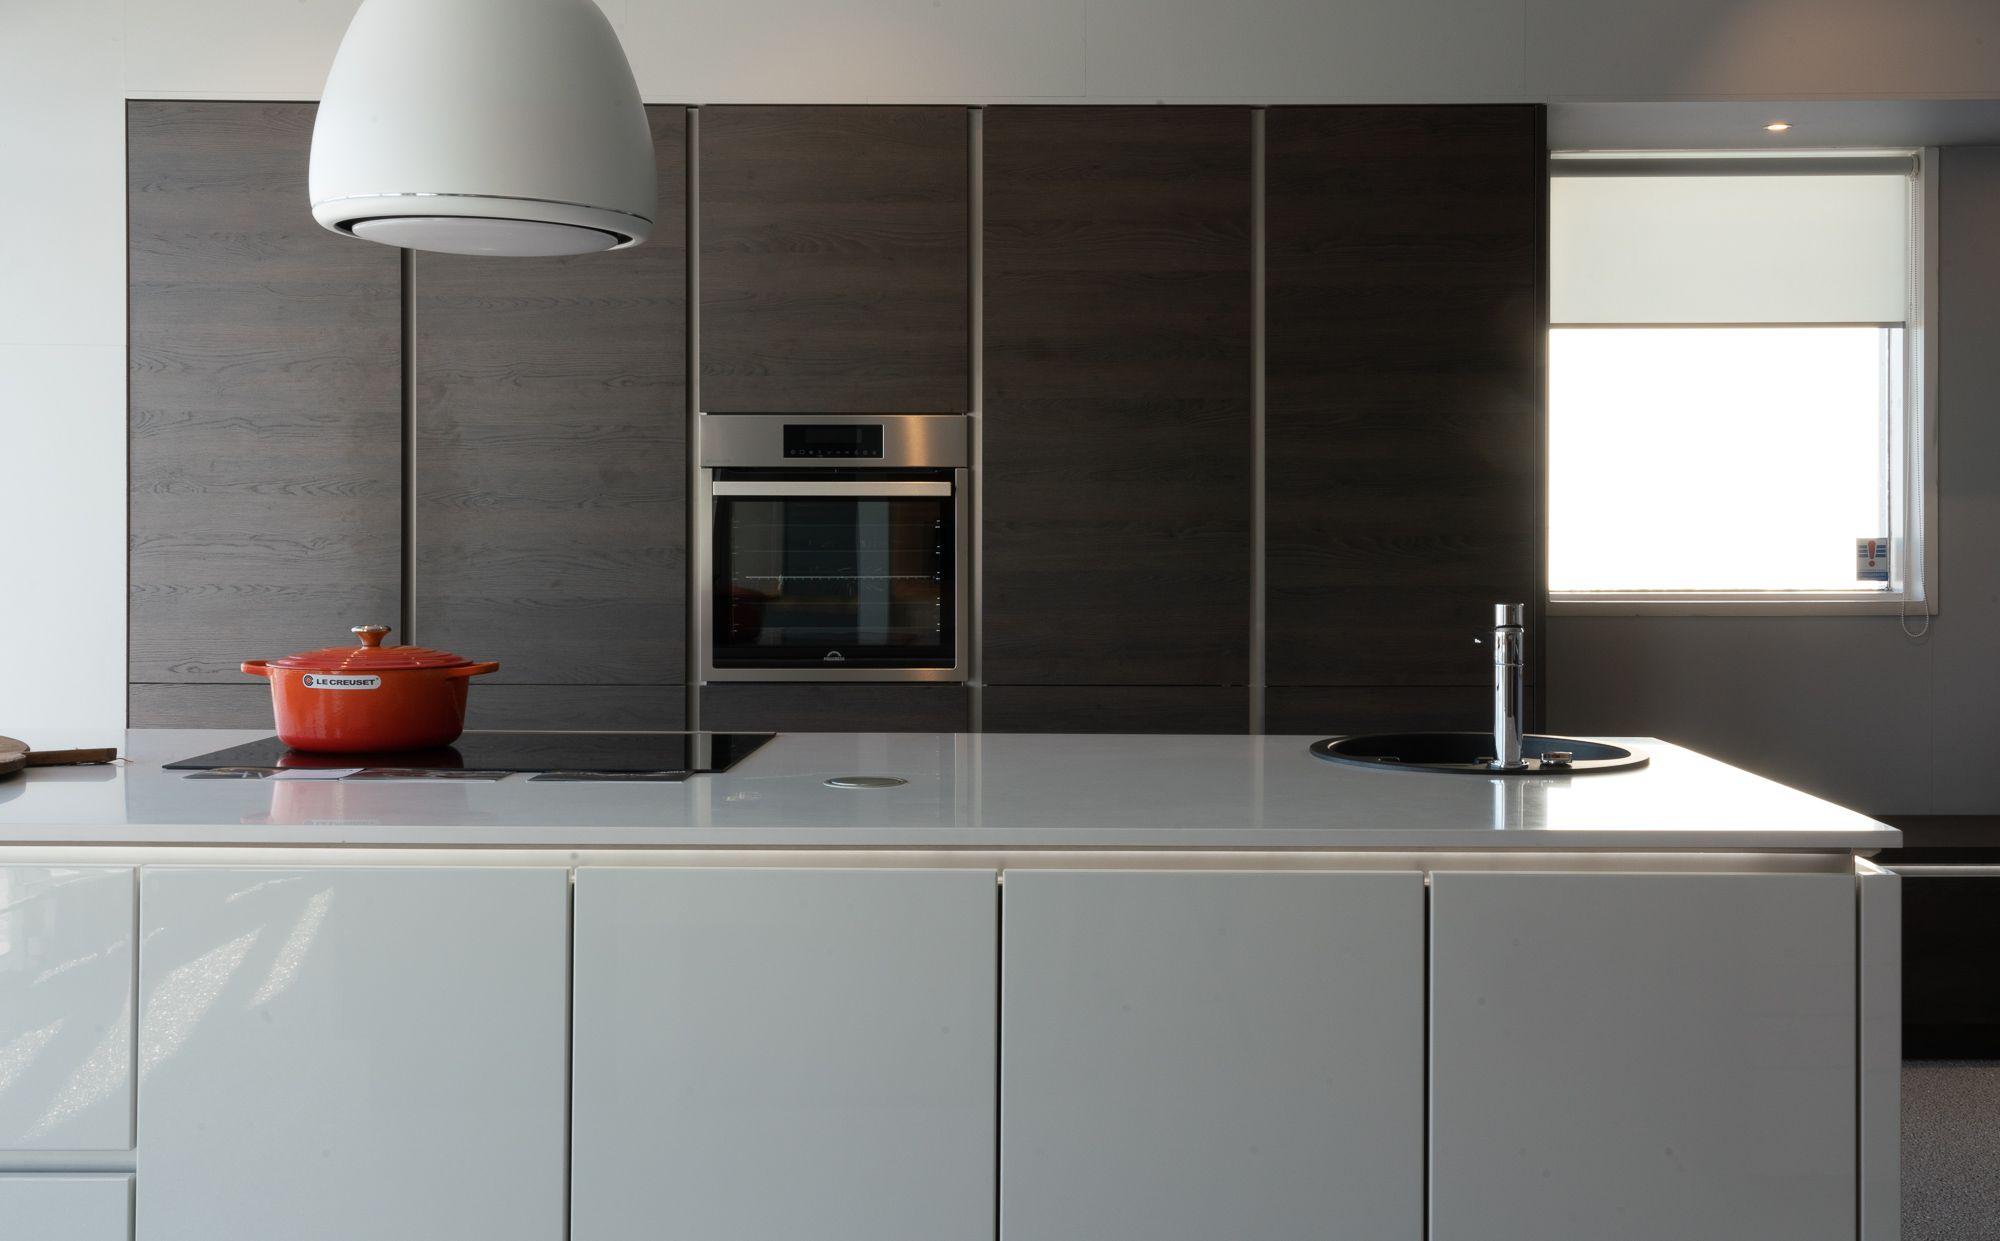 Eldhús - innréttingar   Home decor, Decor, Furniture